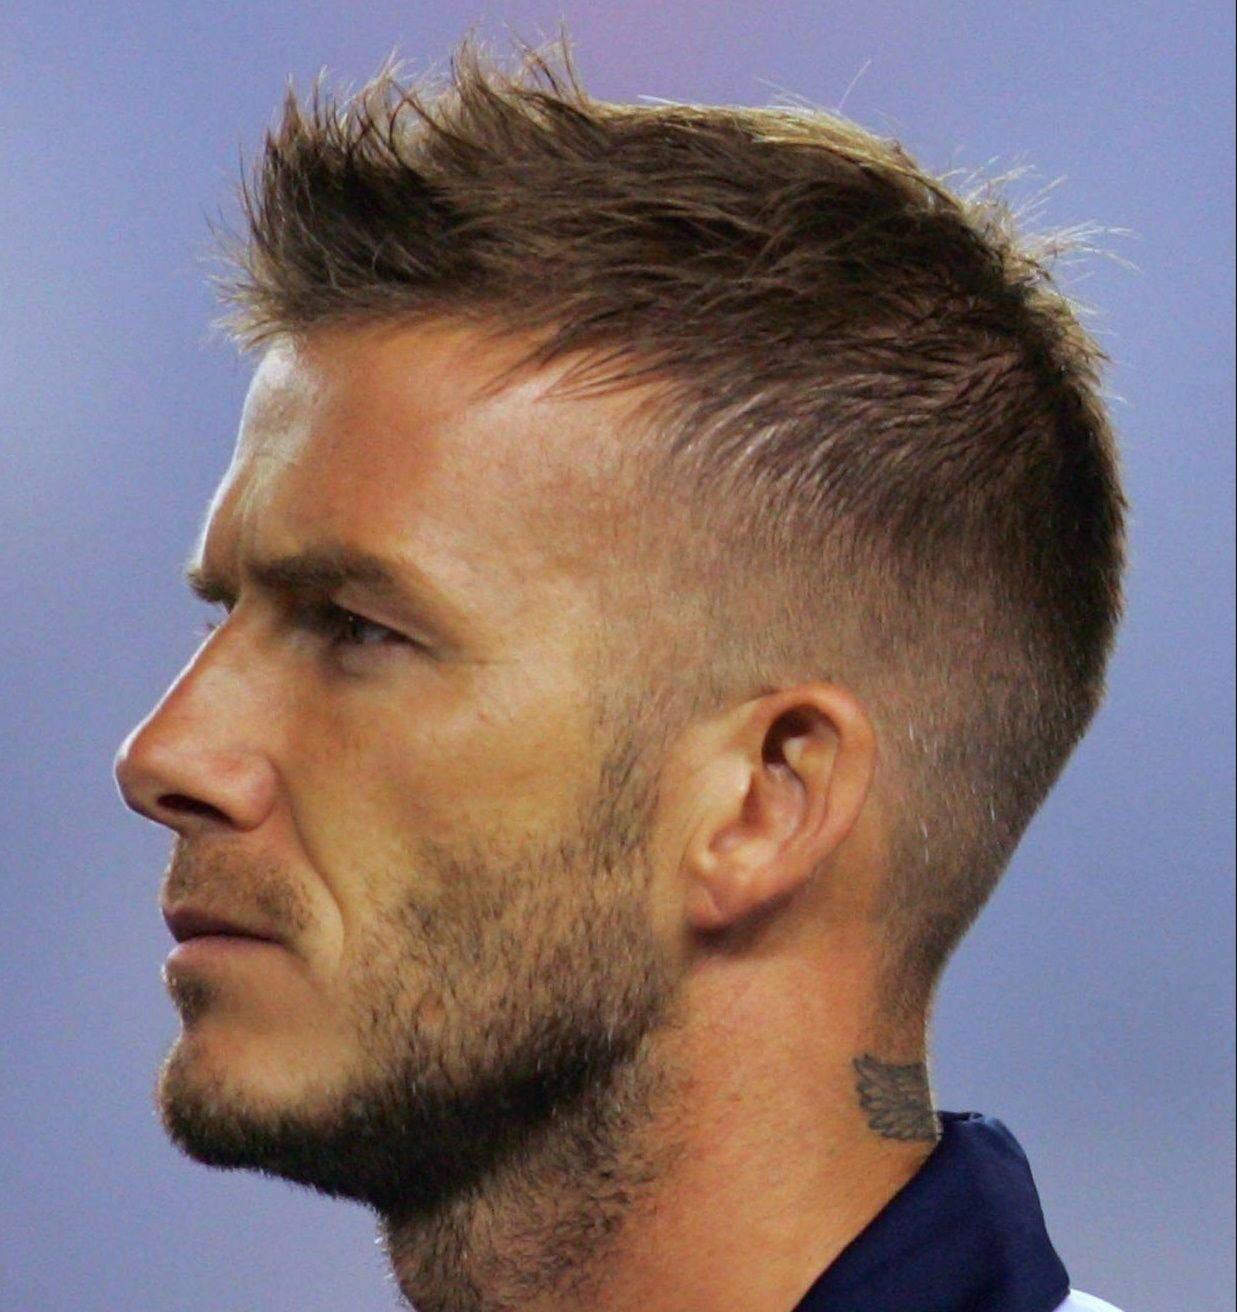 10 Meilleures Coiffures Pour Les Hommes Chauves Cheveux Masculins Coiffure Homme Cheveux Masculins Cheveux Courts Homme